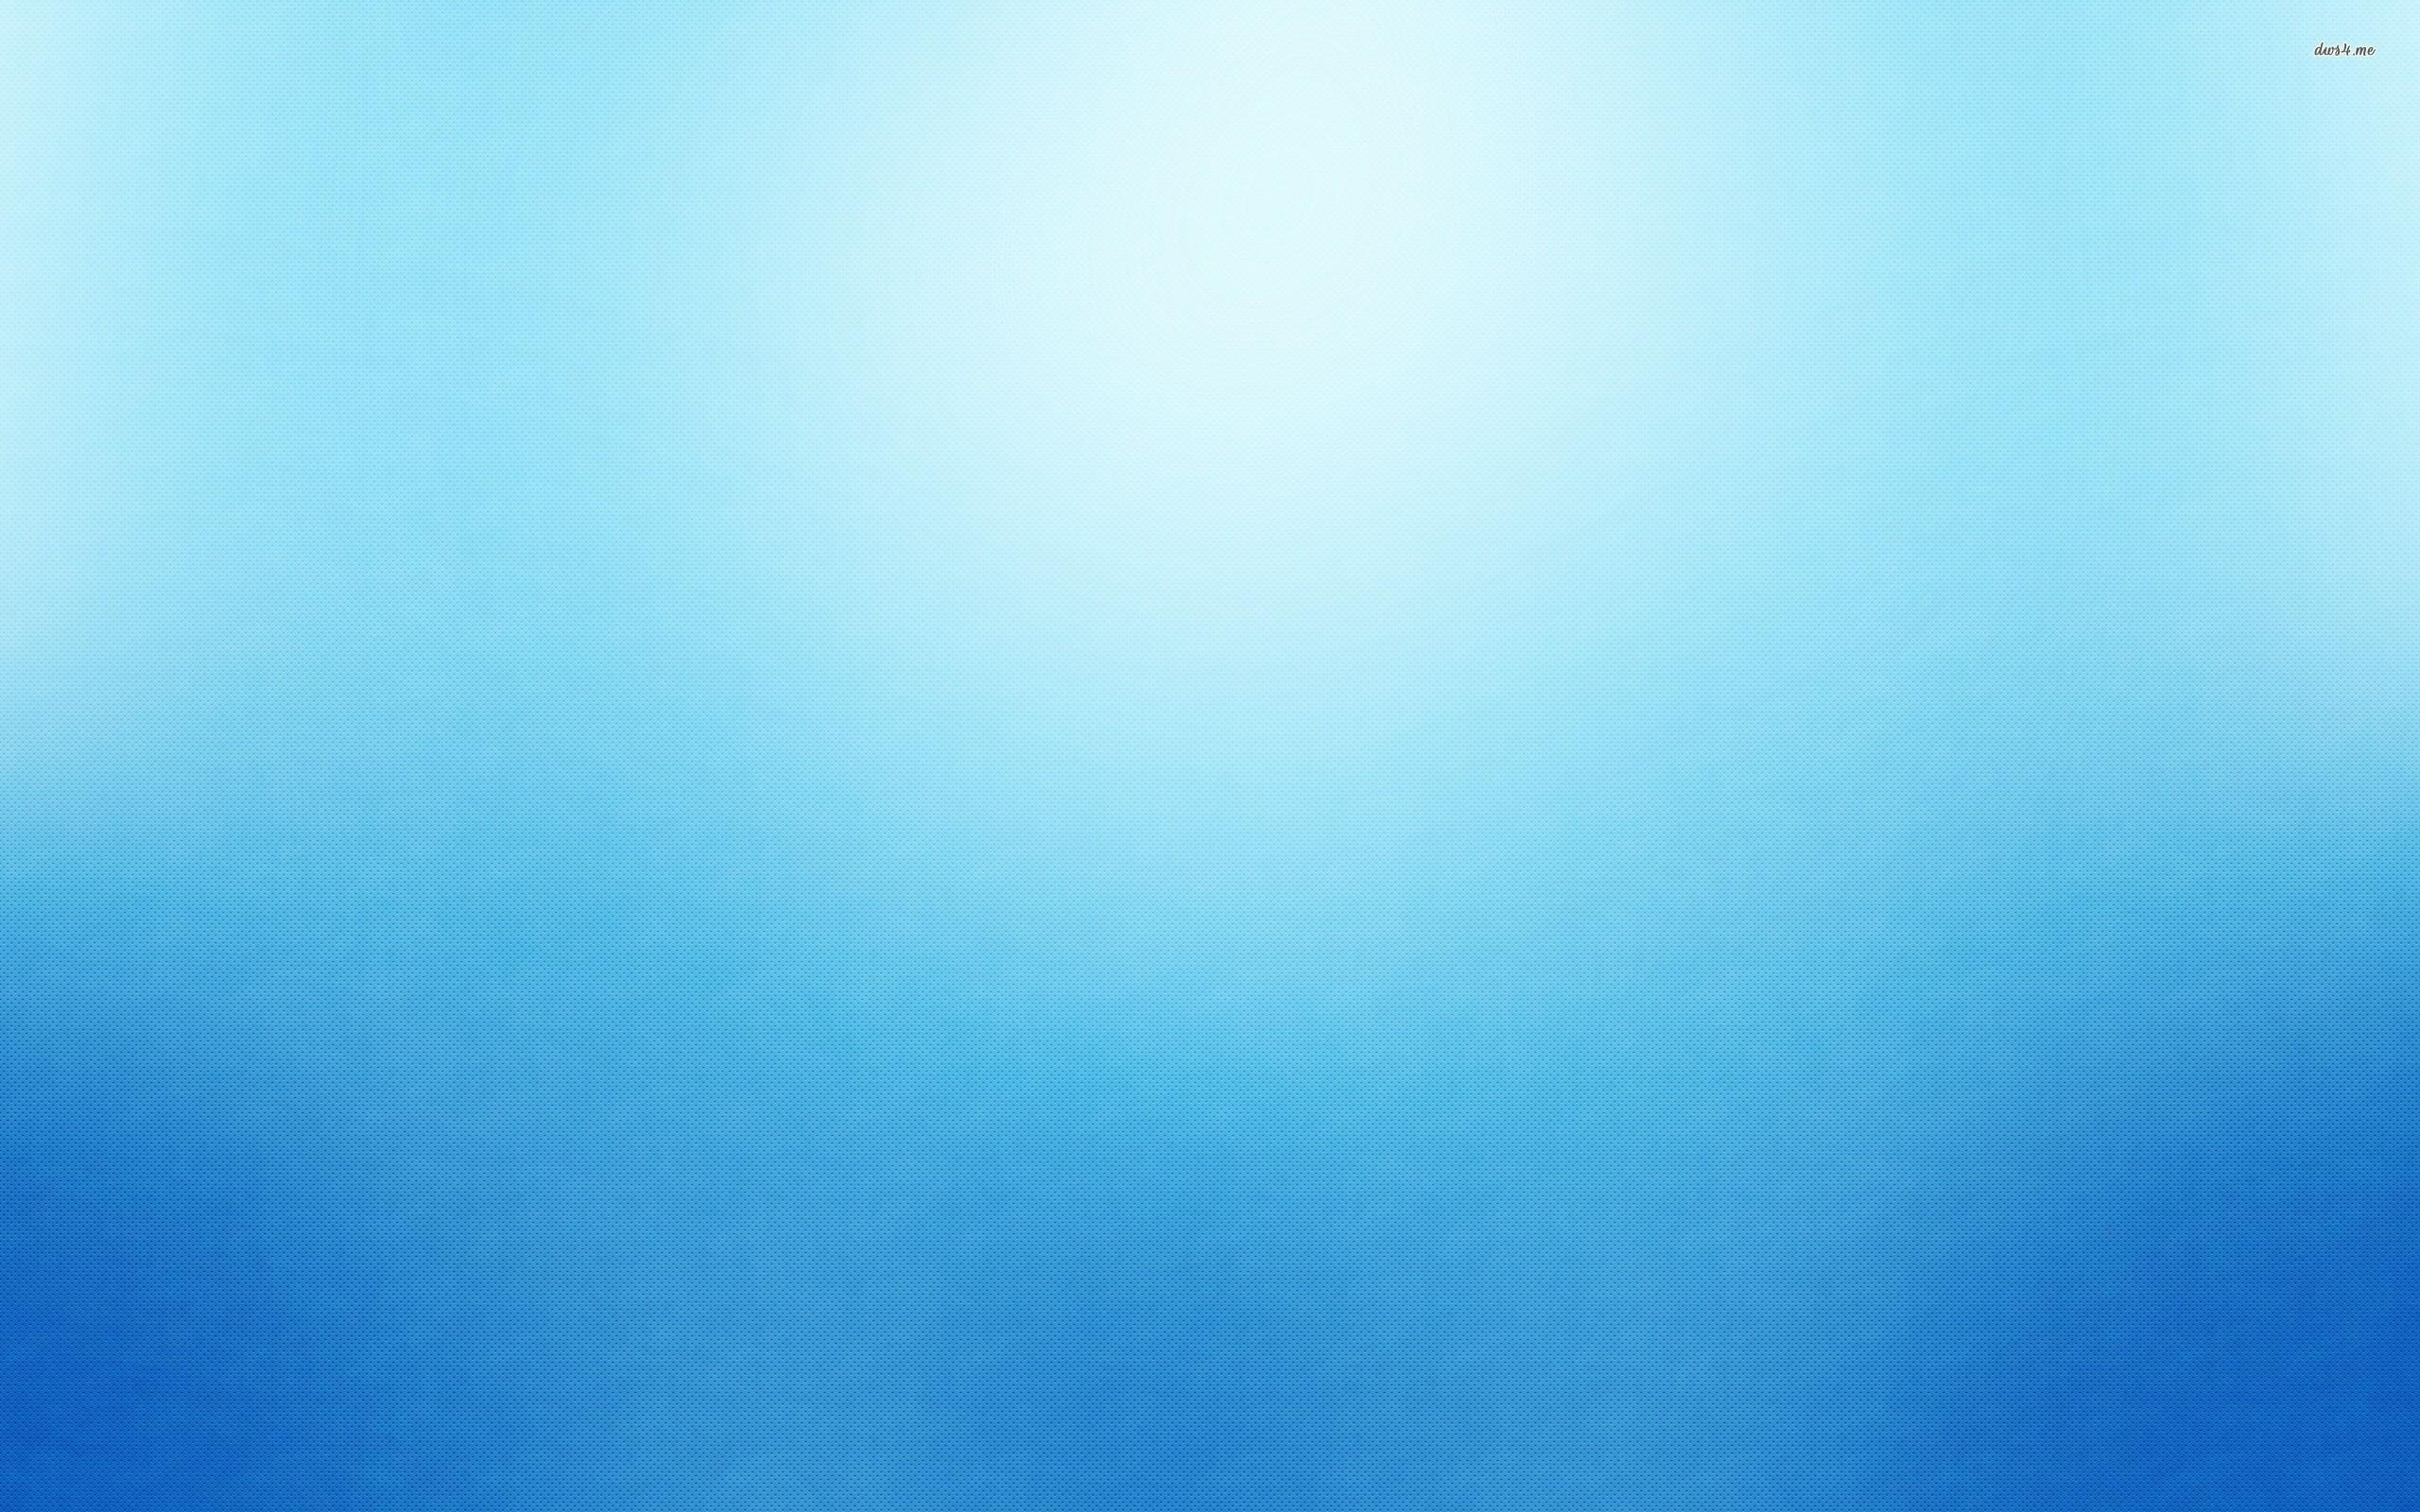 Light Blue Backgrounds (63+ images)